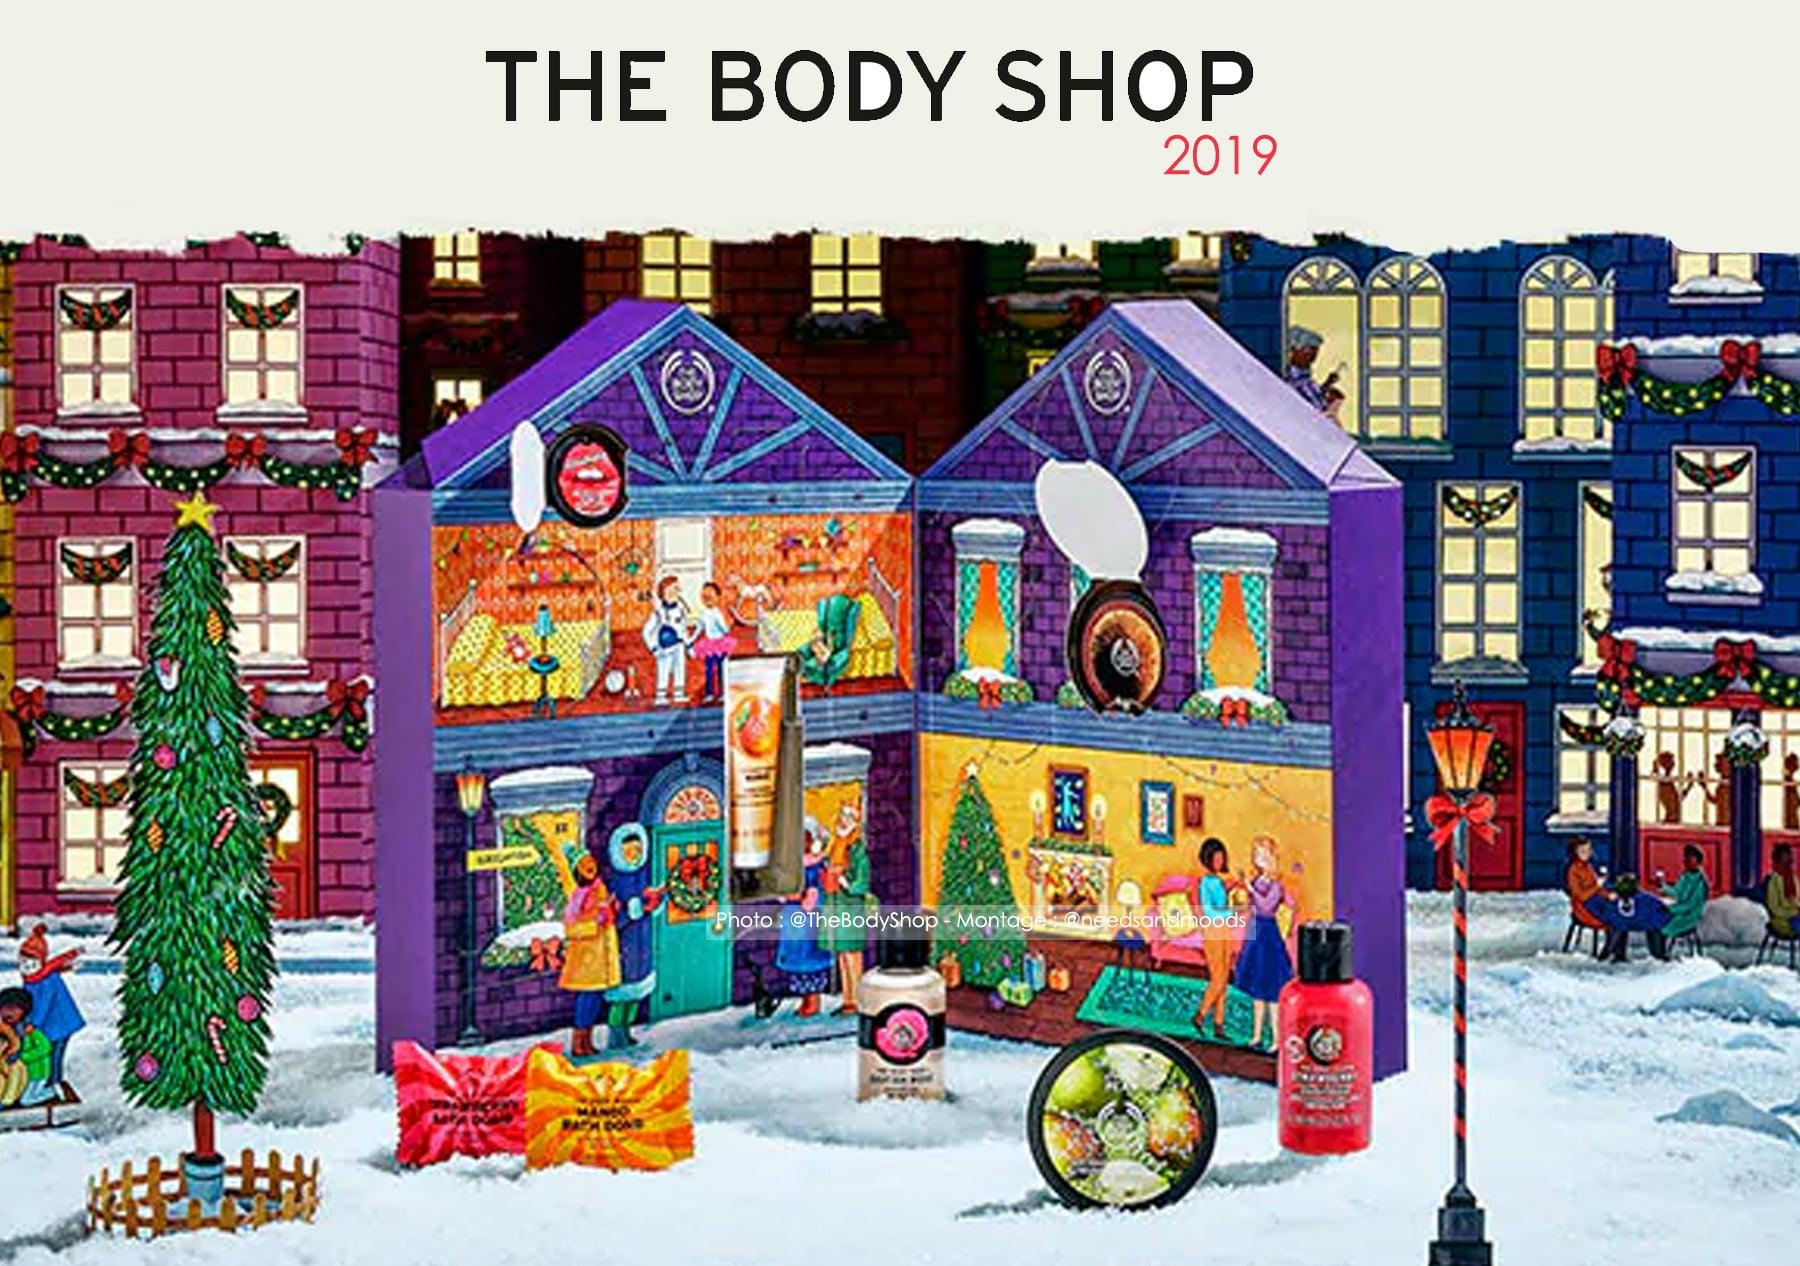 calendrier-de-l'avent-the-body-shop-2019-decouverte